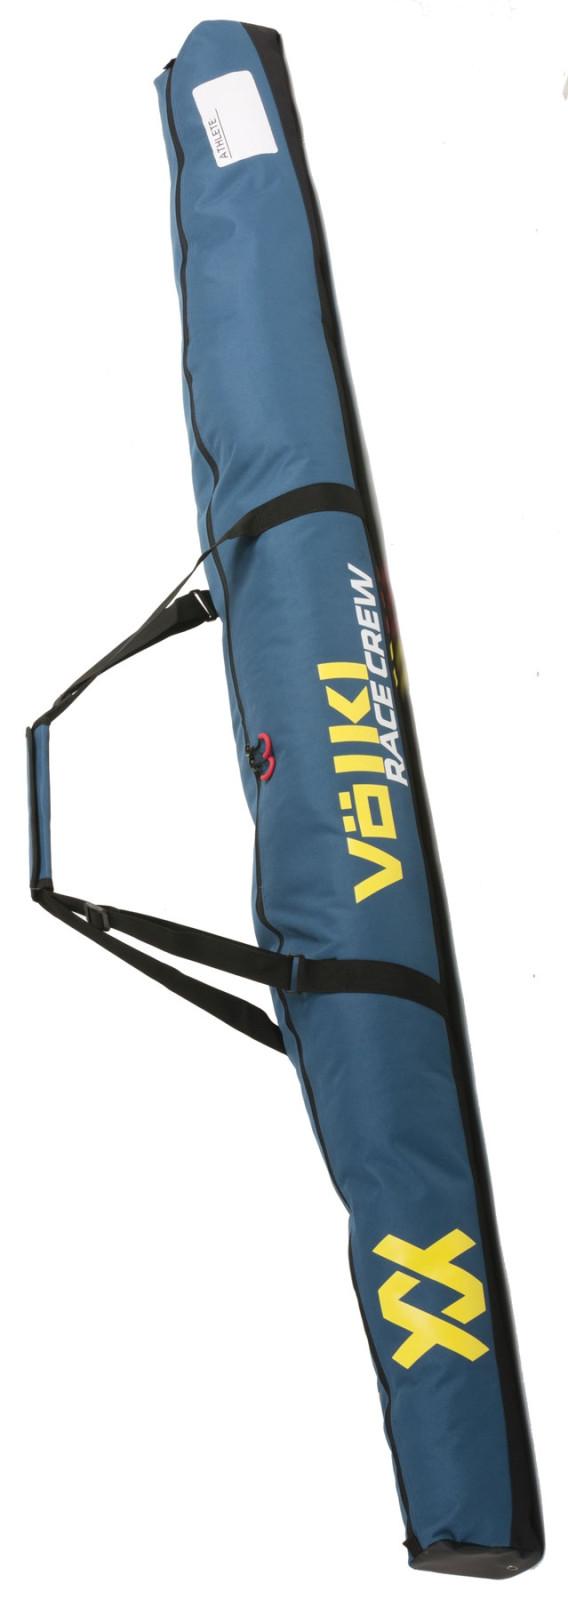 obal na lyže Völkl Race Single Ski Bag 195 cm